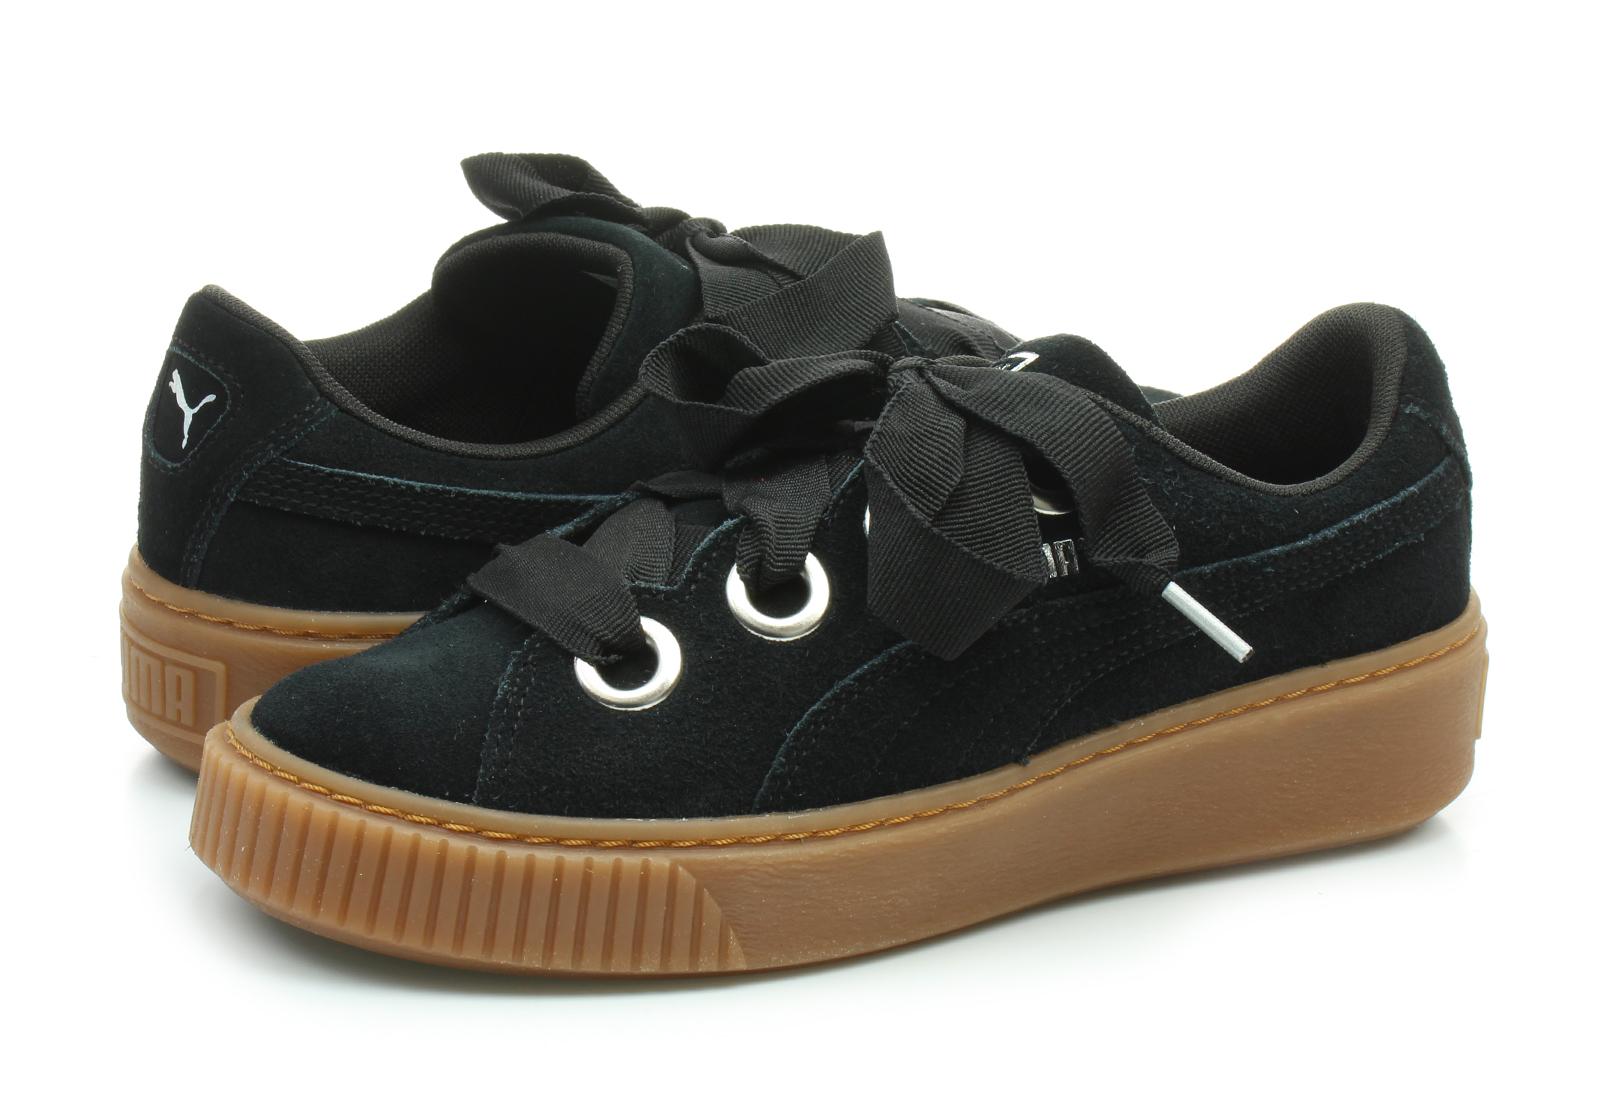 Puma Niske Cipele Crne Cipele - Platform V2 Suede - Office Shoes ... 385e63df5c